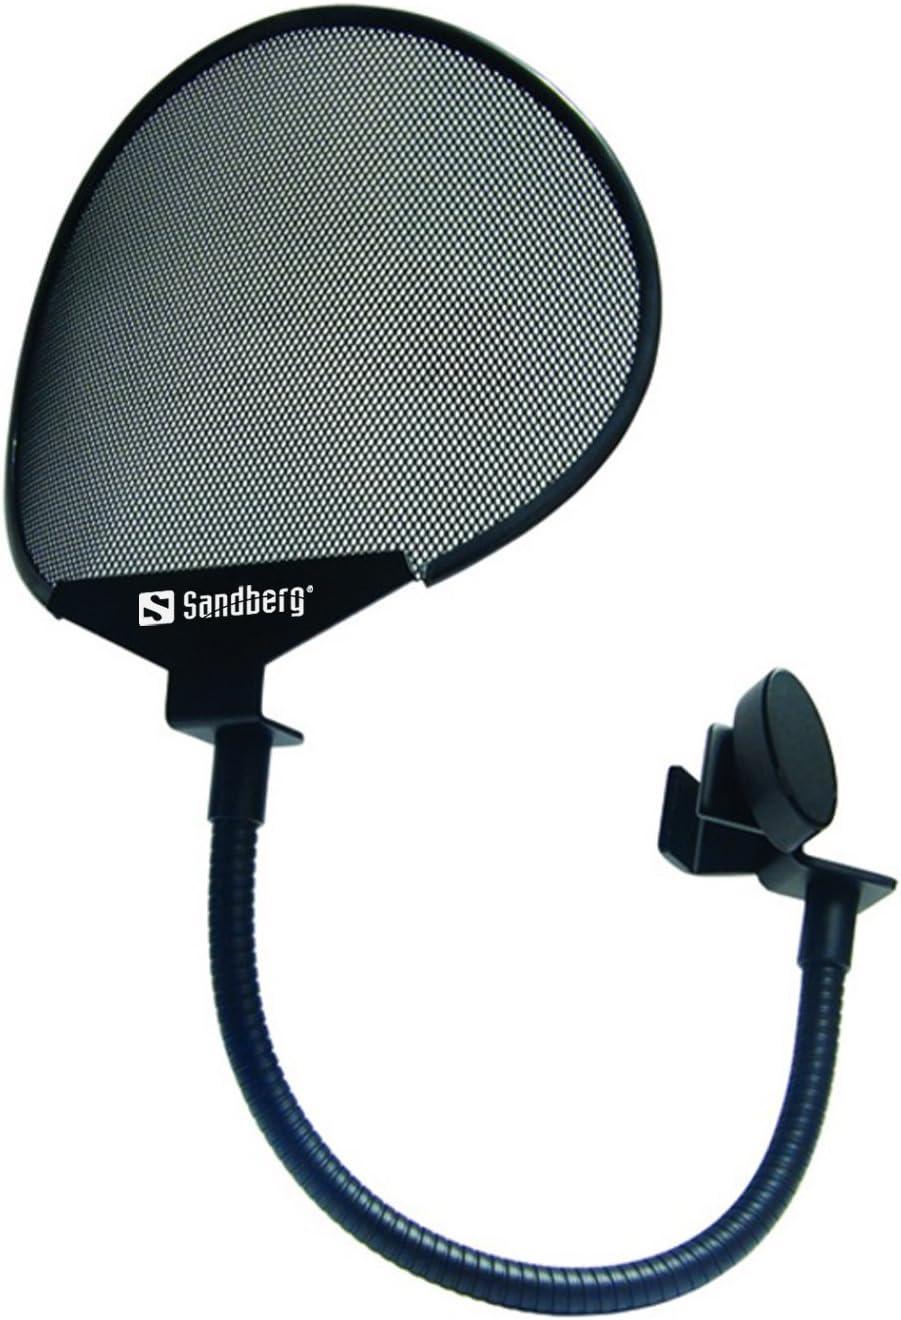 Sandberg 126-04 Popfilter f/ür Microphone schwarz